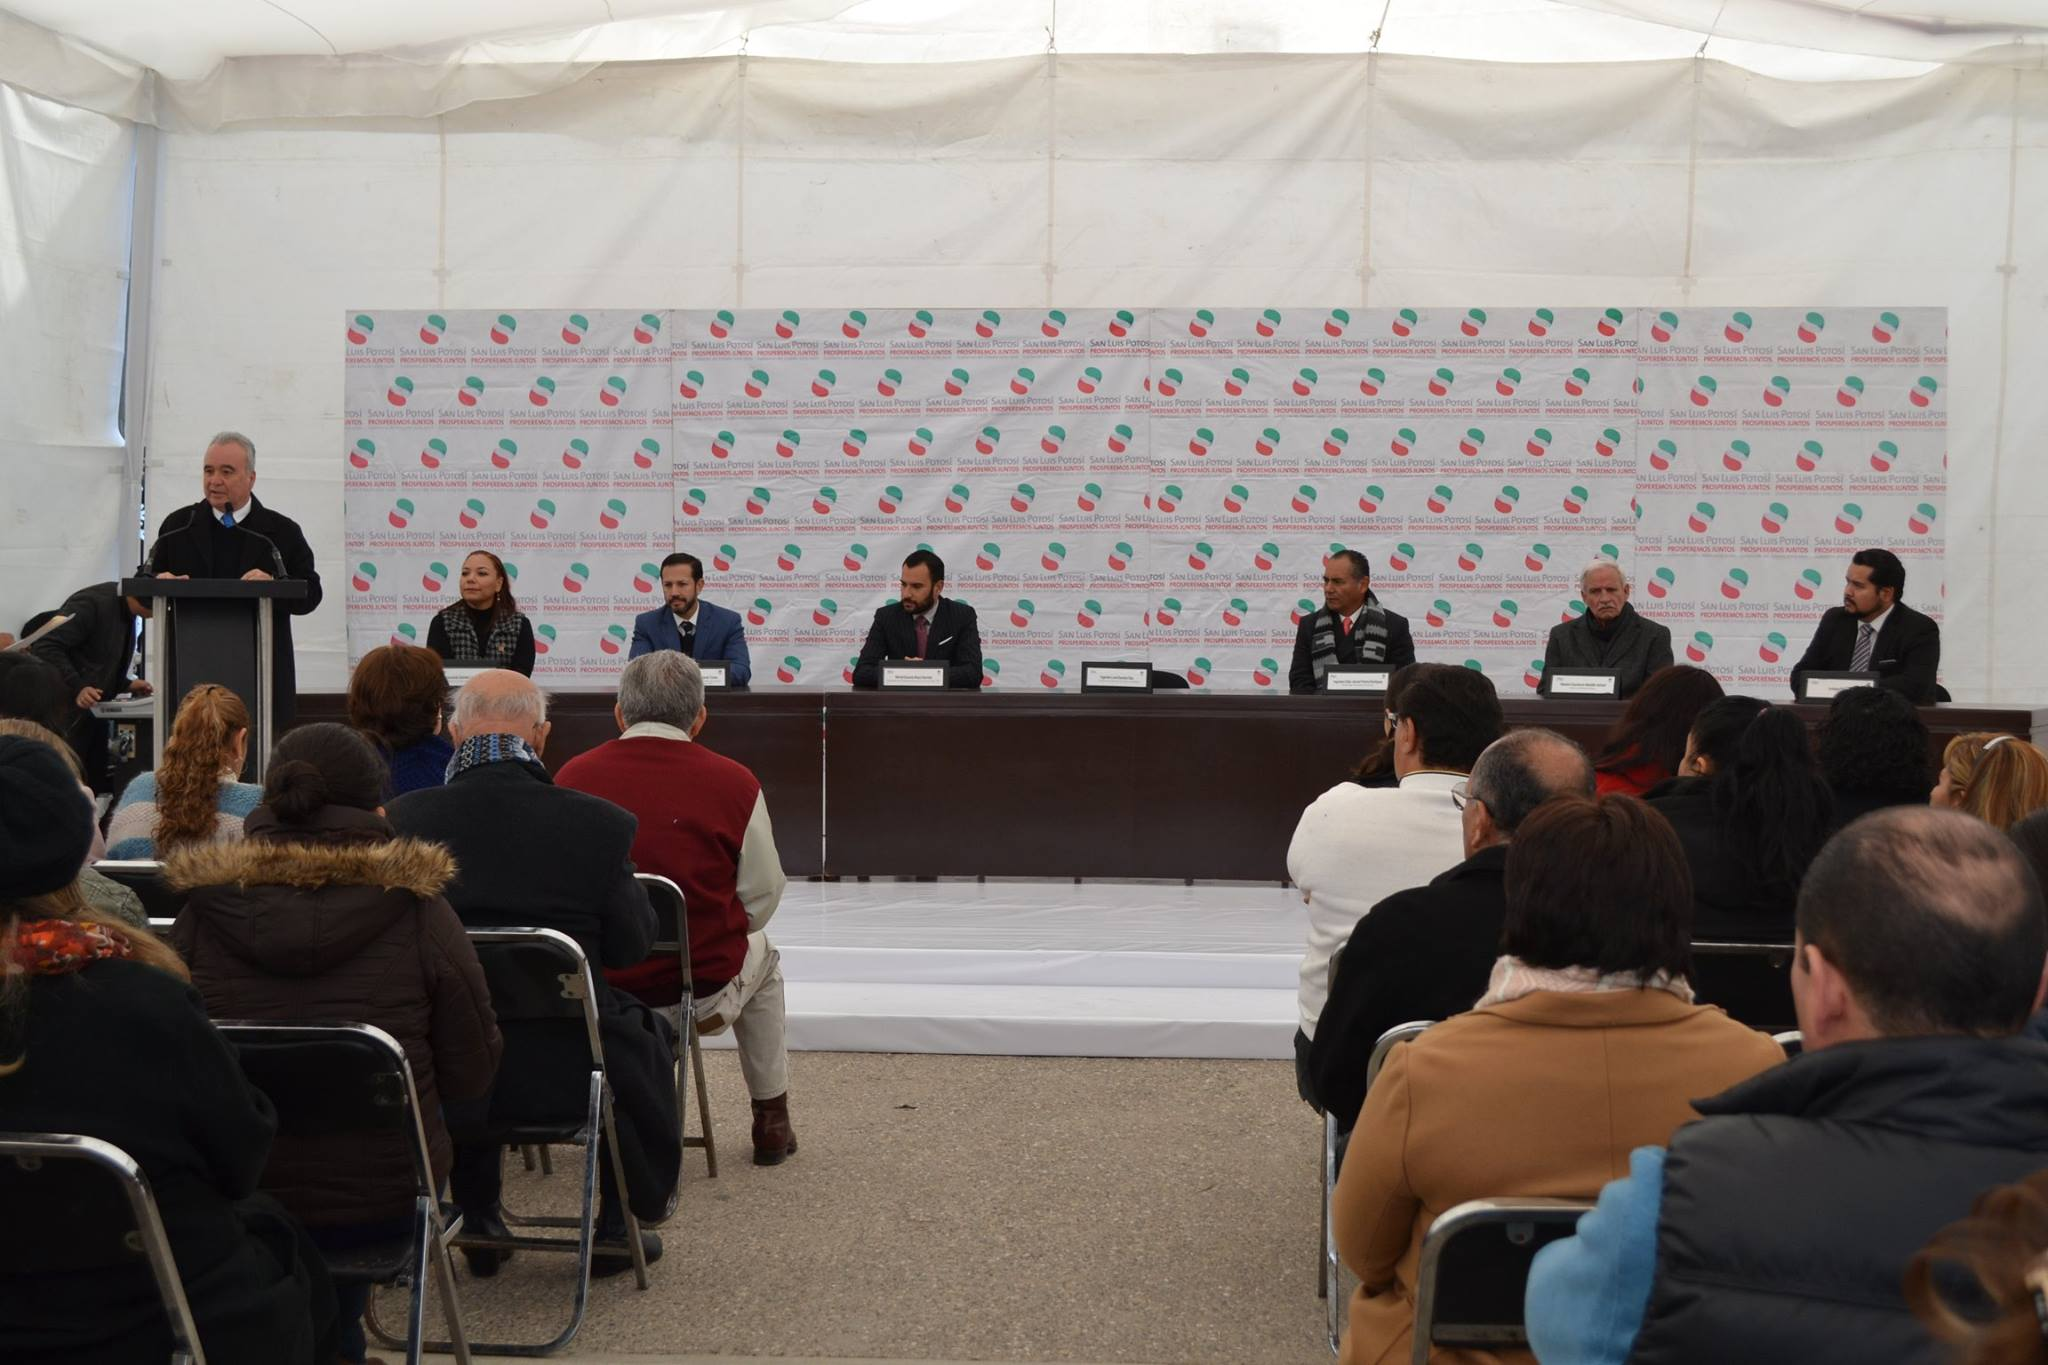 Conferencia del programa Recicla para leer de la Conaliteg, en el estado de San Luis Potosí.